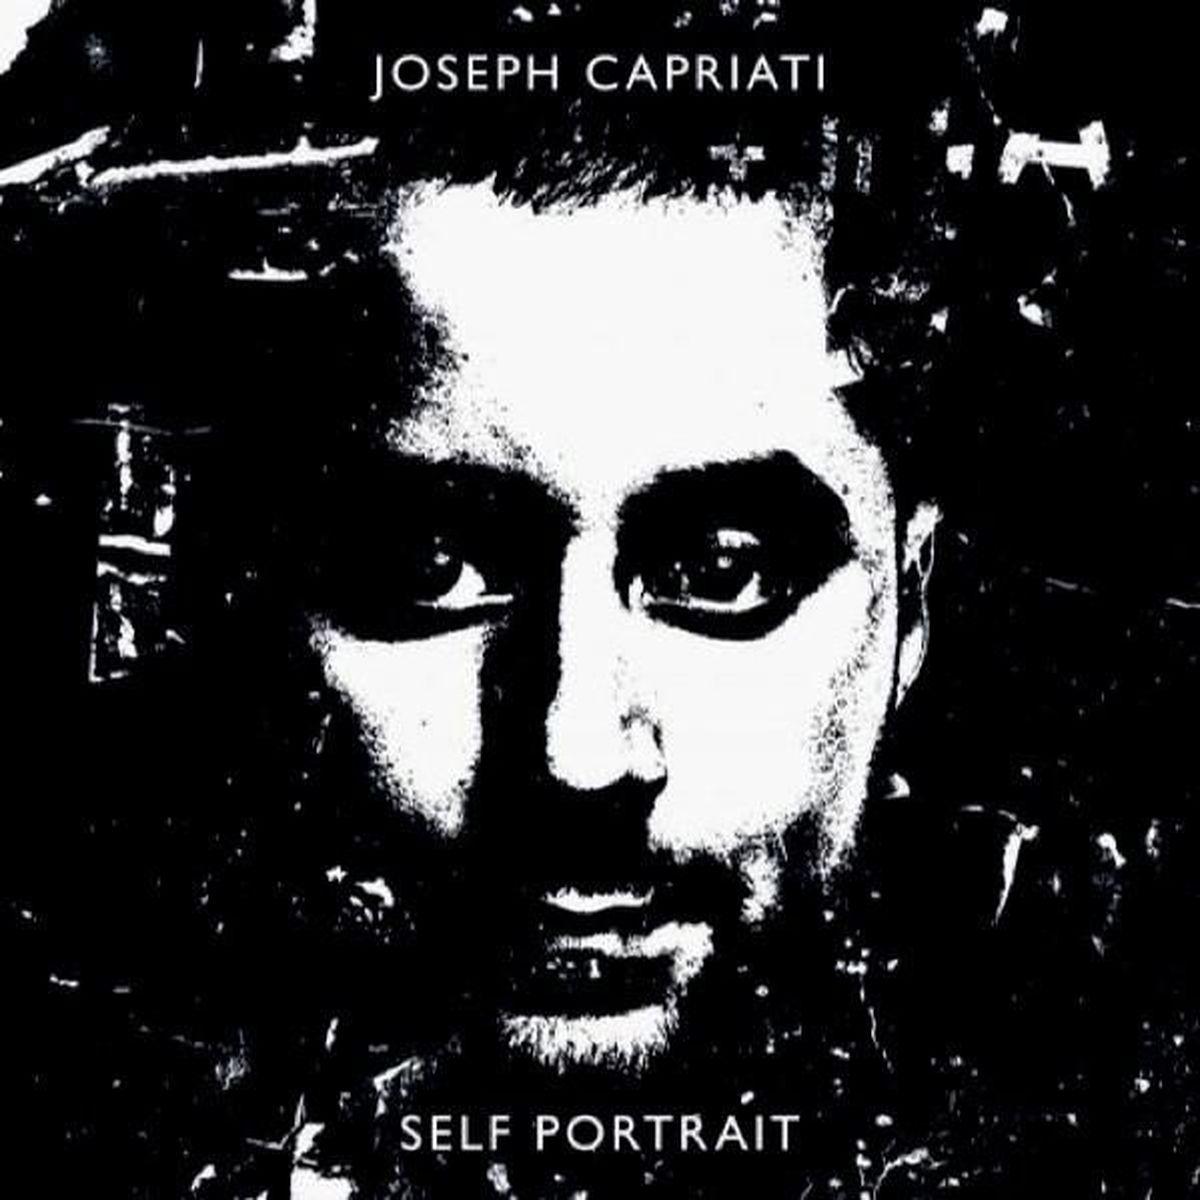 √ Il dj Joseph Capriati accoltellato dal padre dopo una lite | News